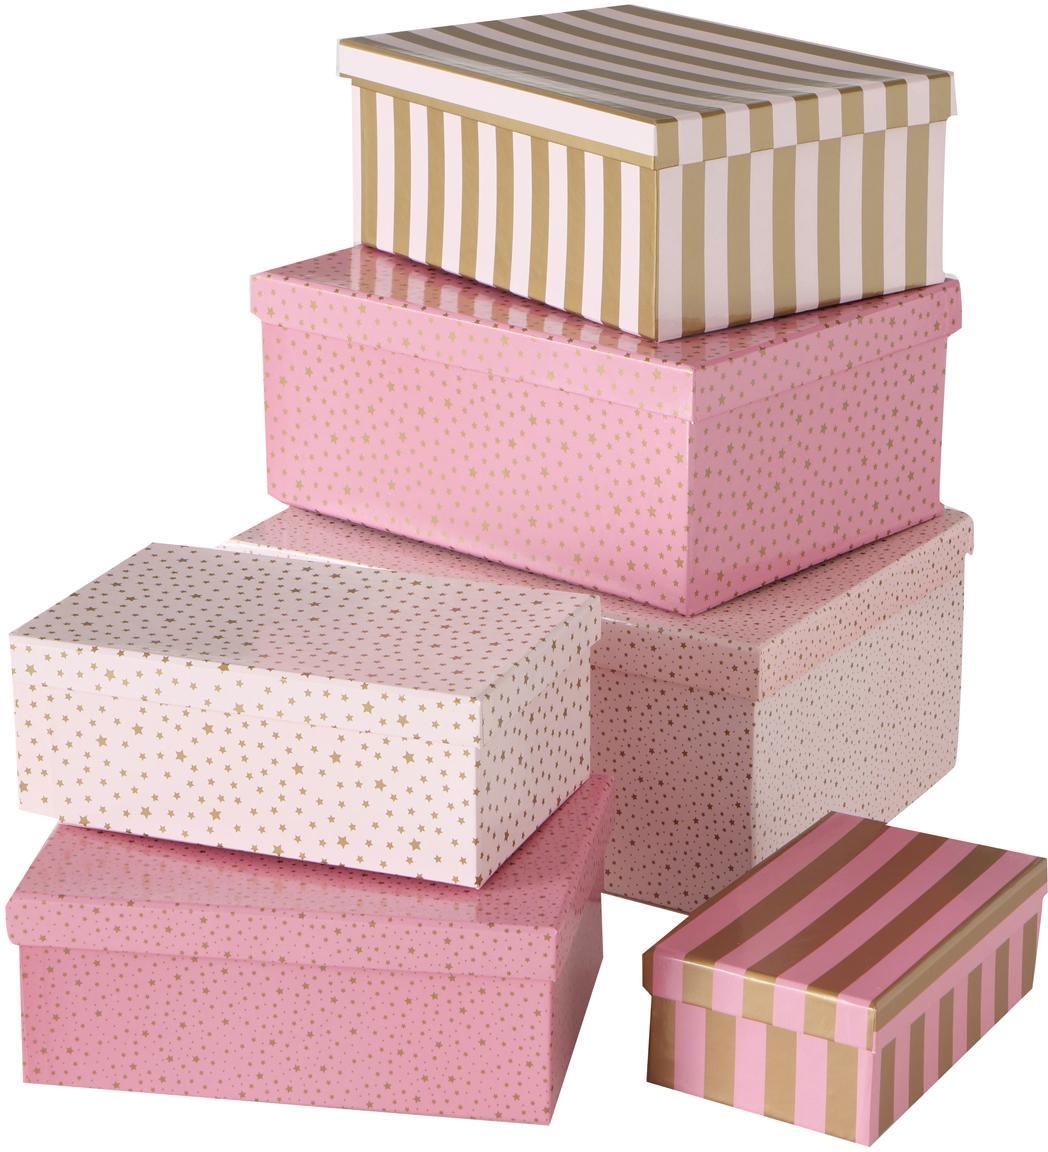 Set 6 scatole regalo Marit, Carta, Tonalità rosa, dorato, Set in varie misure